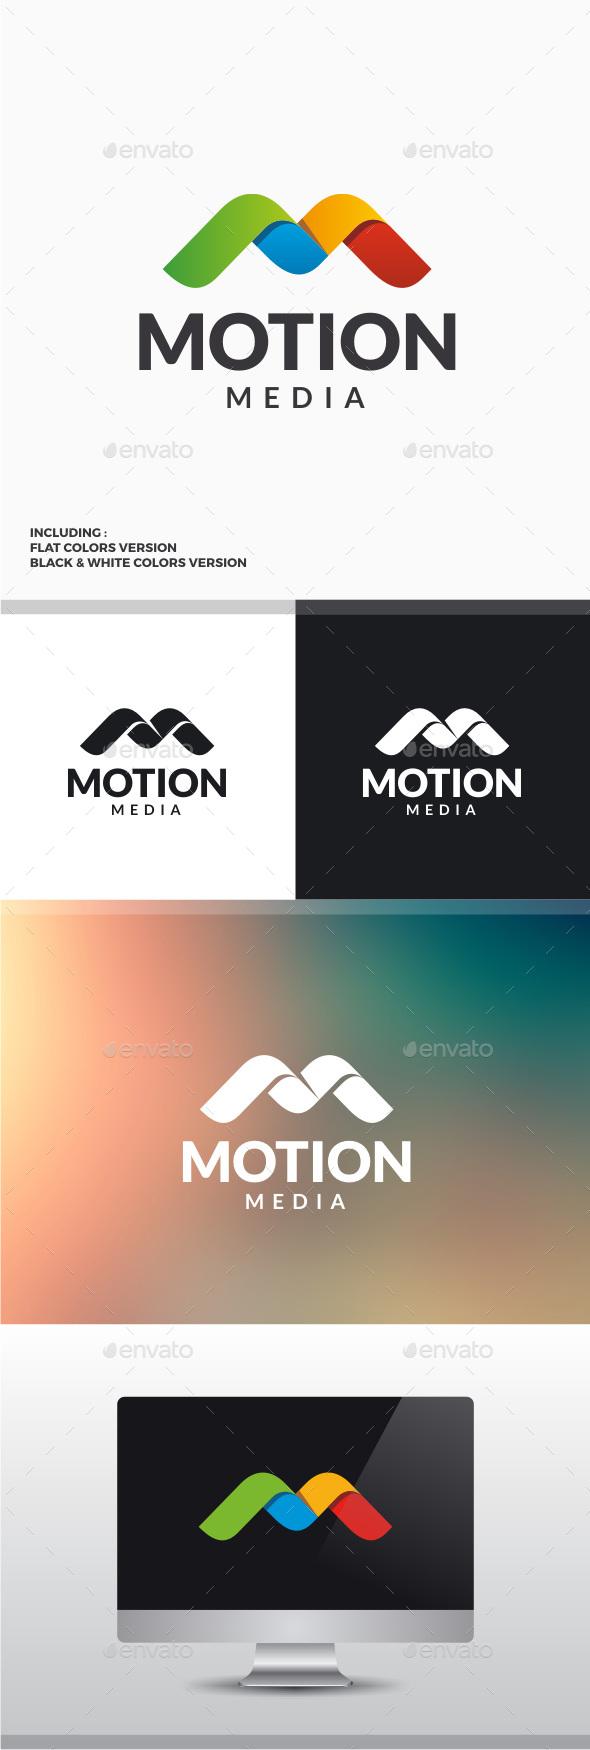 Motion Media - Letter M Logo - Letters Logo Templates